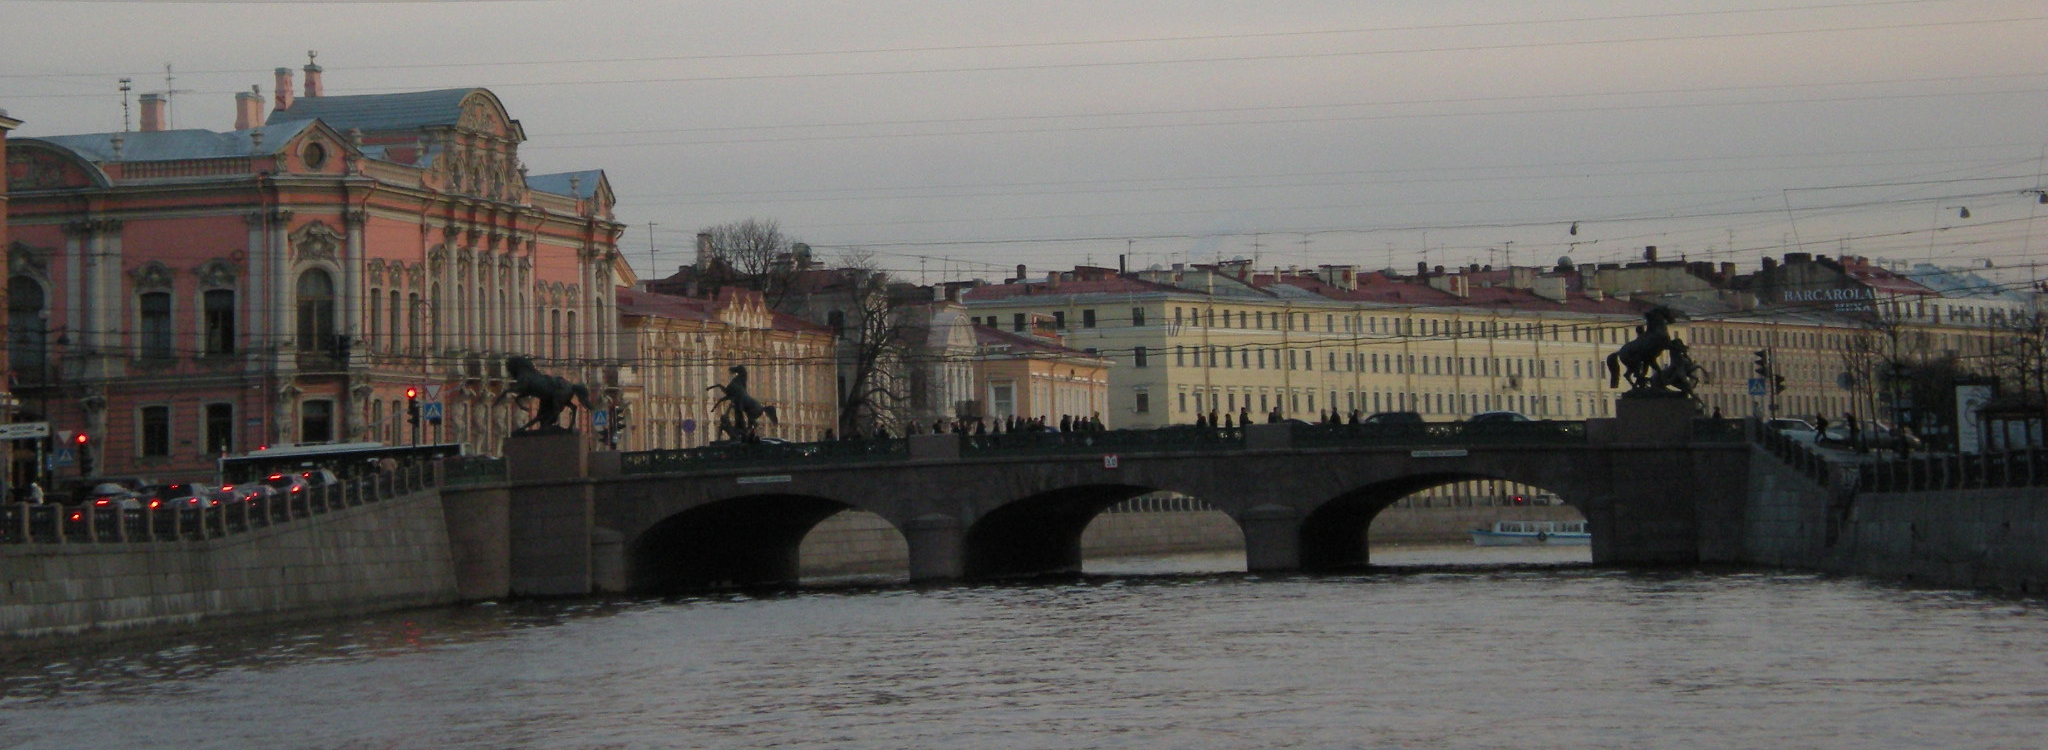 Вид на Аничков мост, Санкт-Петербург